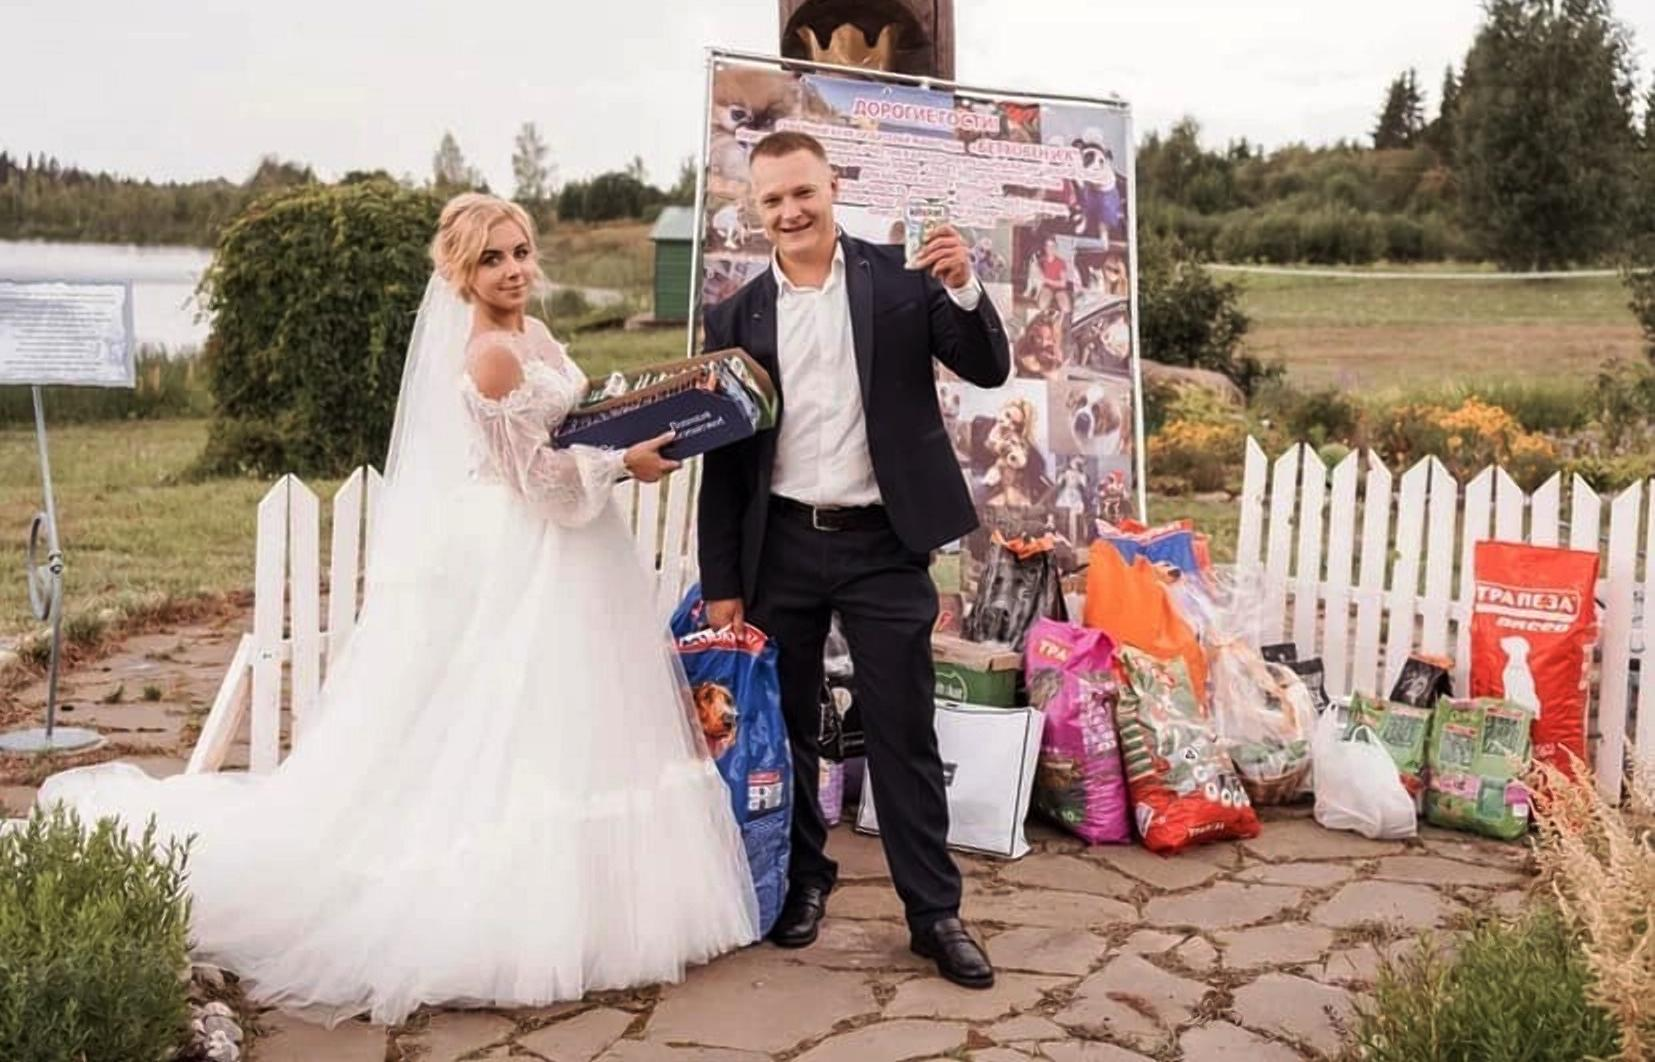 В Тверской области жених и невеста попросили на свадьбу вместо цветов дарить корм для бездомных животных